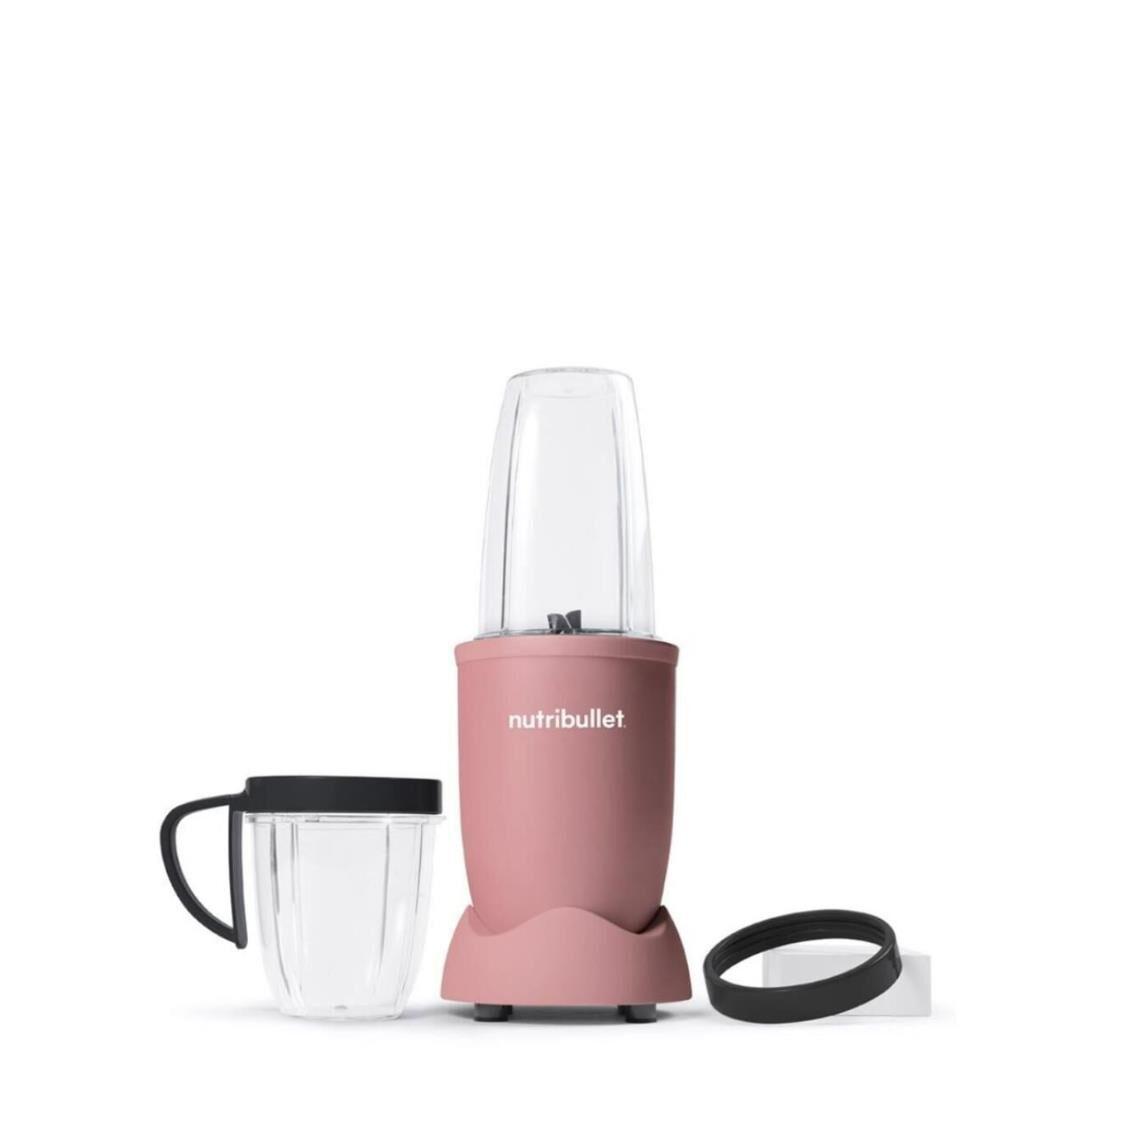 NutriBullet 600W Personal Blender Matte Soft Pink